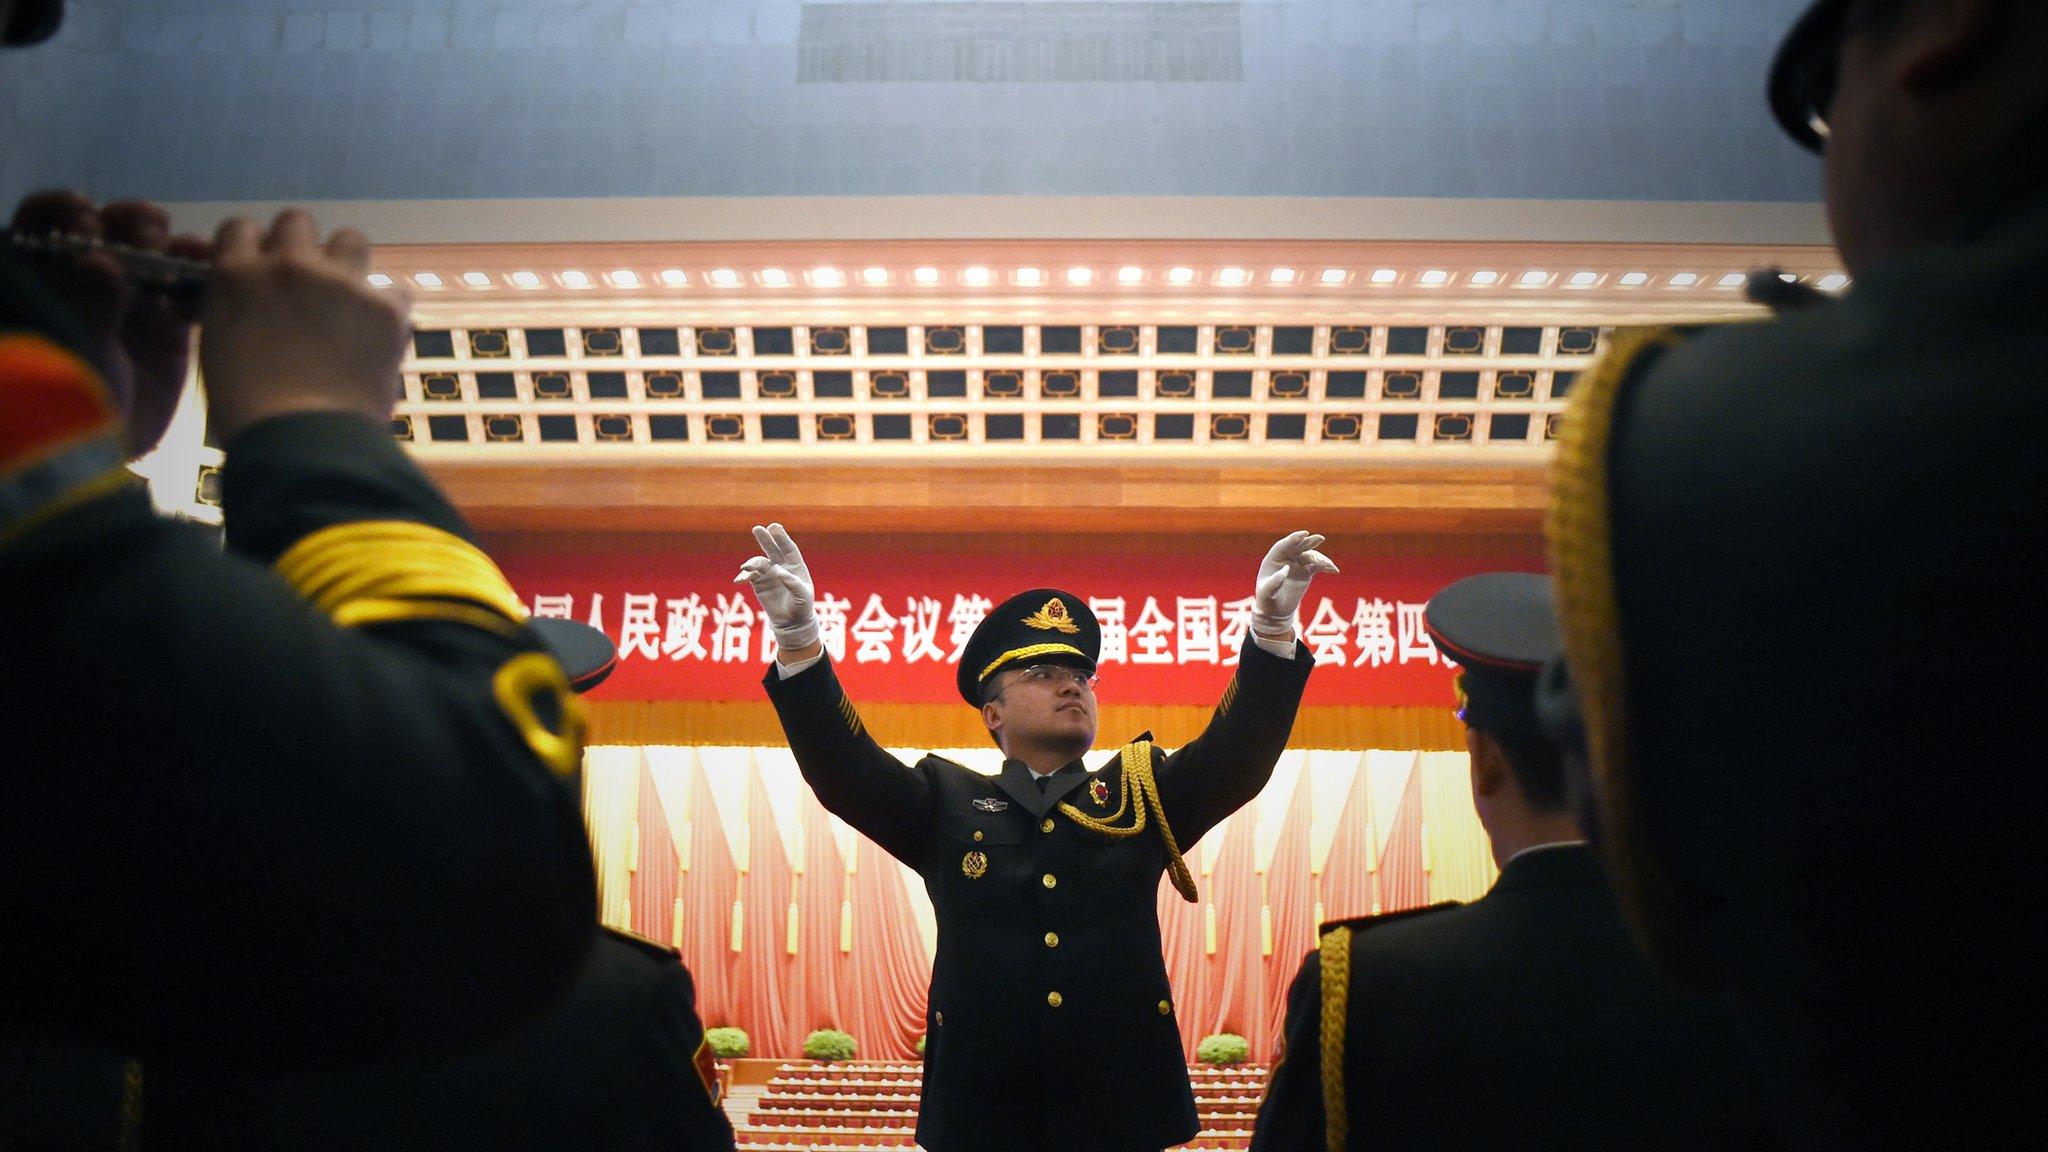 衝著港獨來?中國要立《國歌法》 亂改、亂噓國歌將受制裁